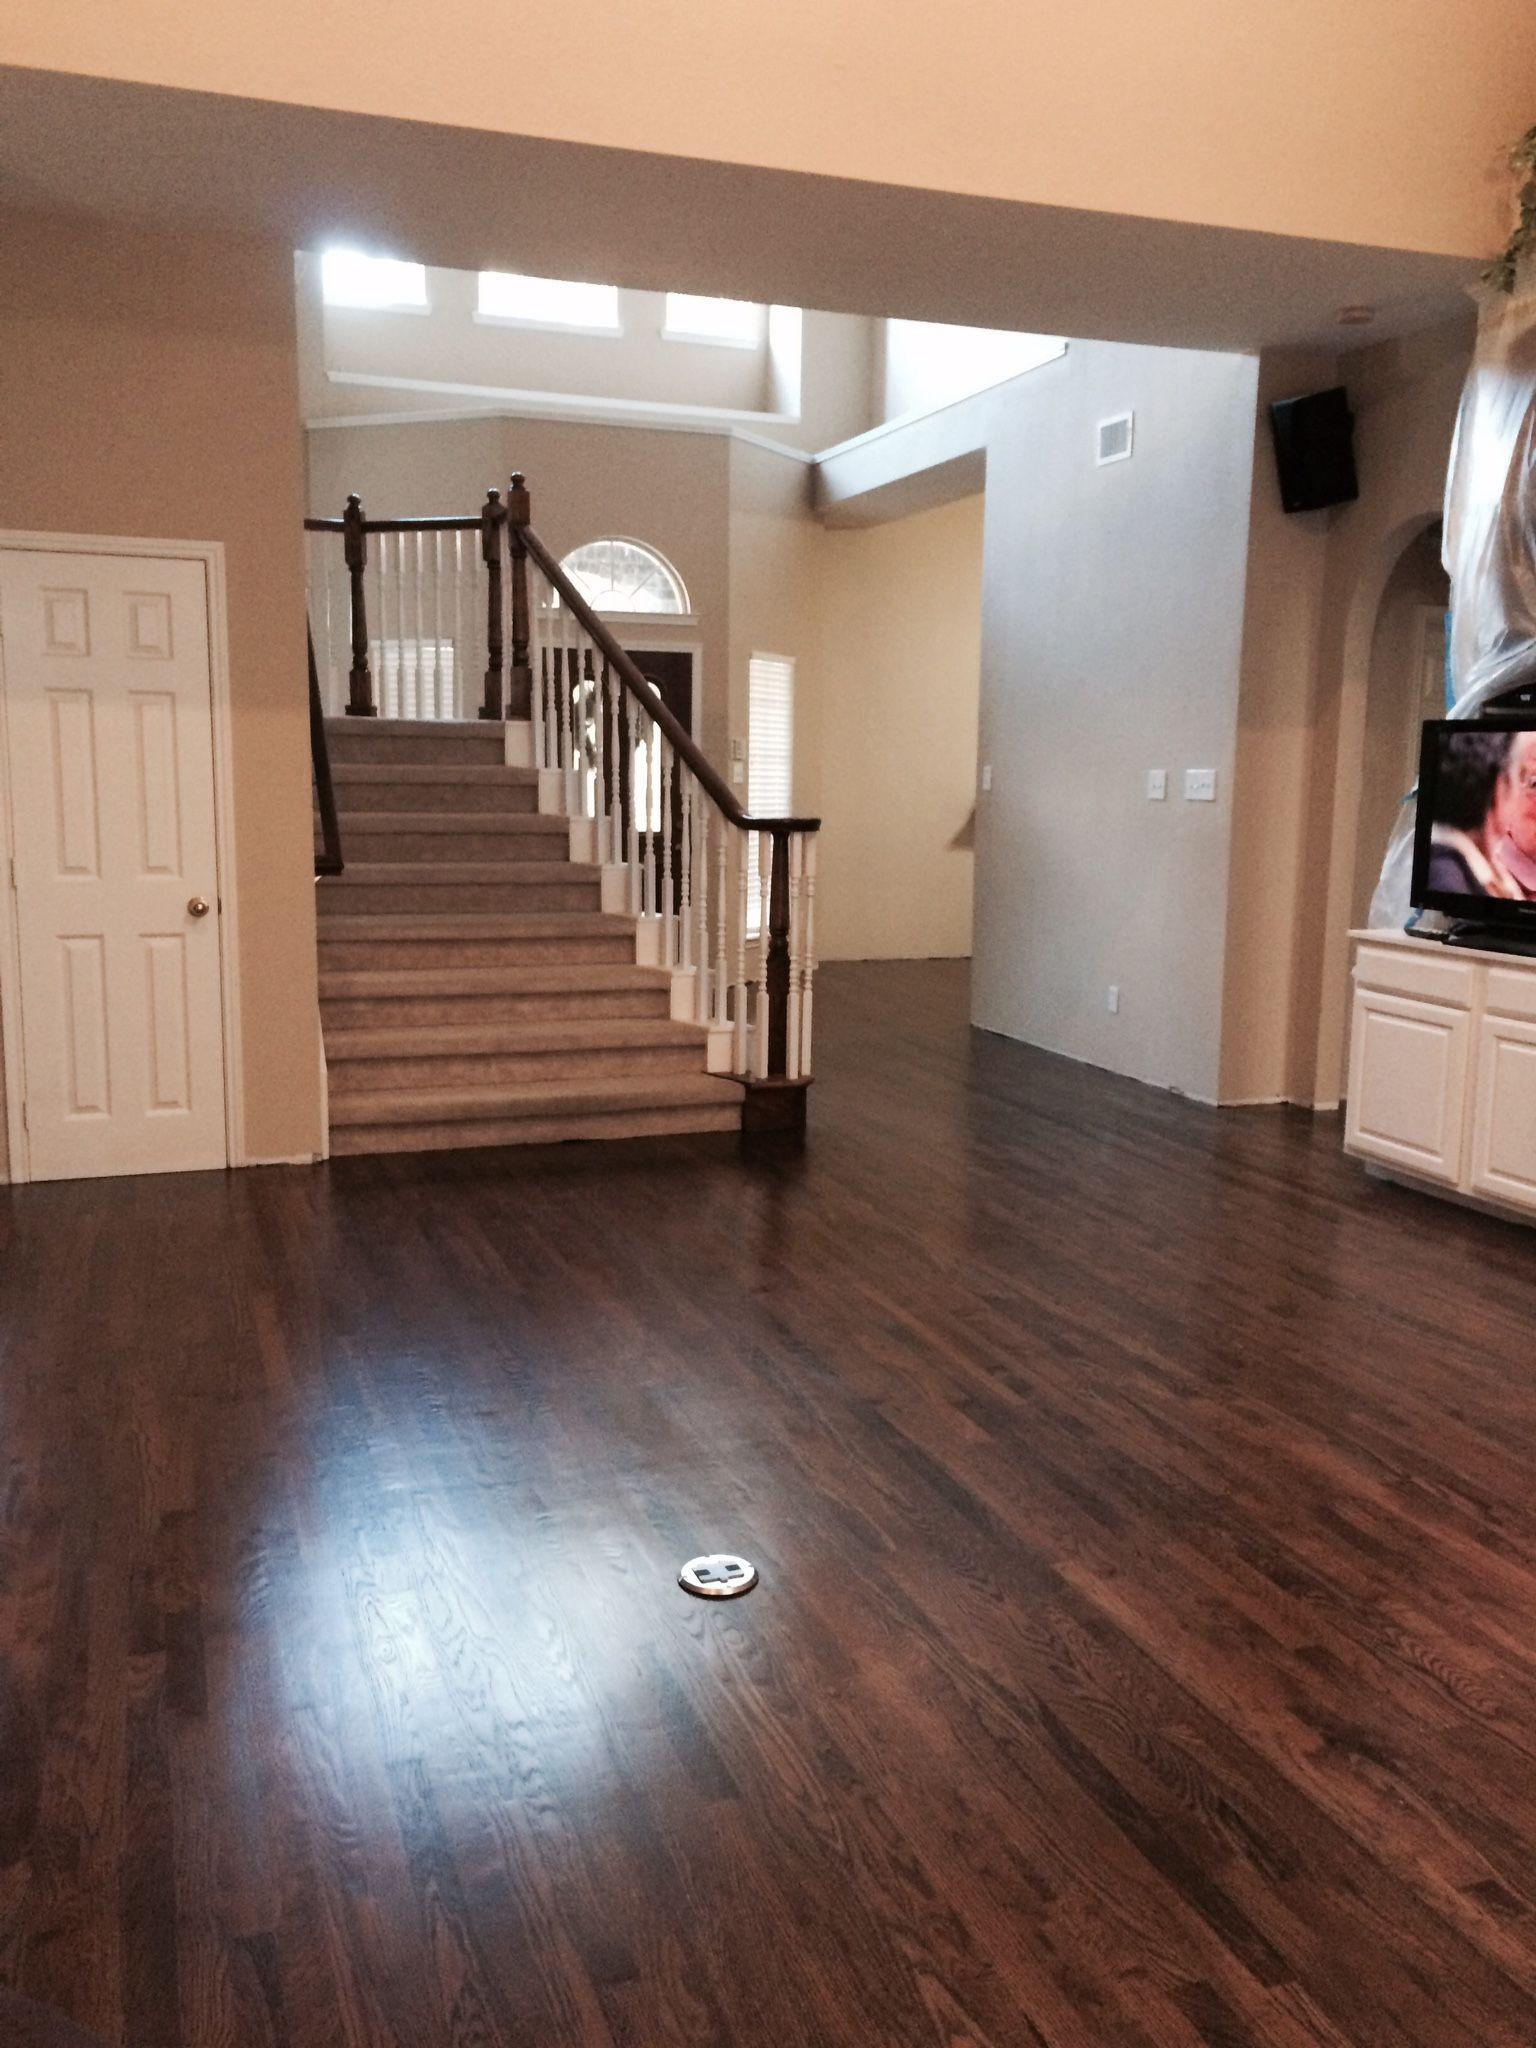 hardwood floor refinishing new orleans of dark walnut stain on white oak hardwood remodel 1floors in 2018 for dark walnut stain on white oak hardwood walnut hardwood flooring hardwood floor stain colors